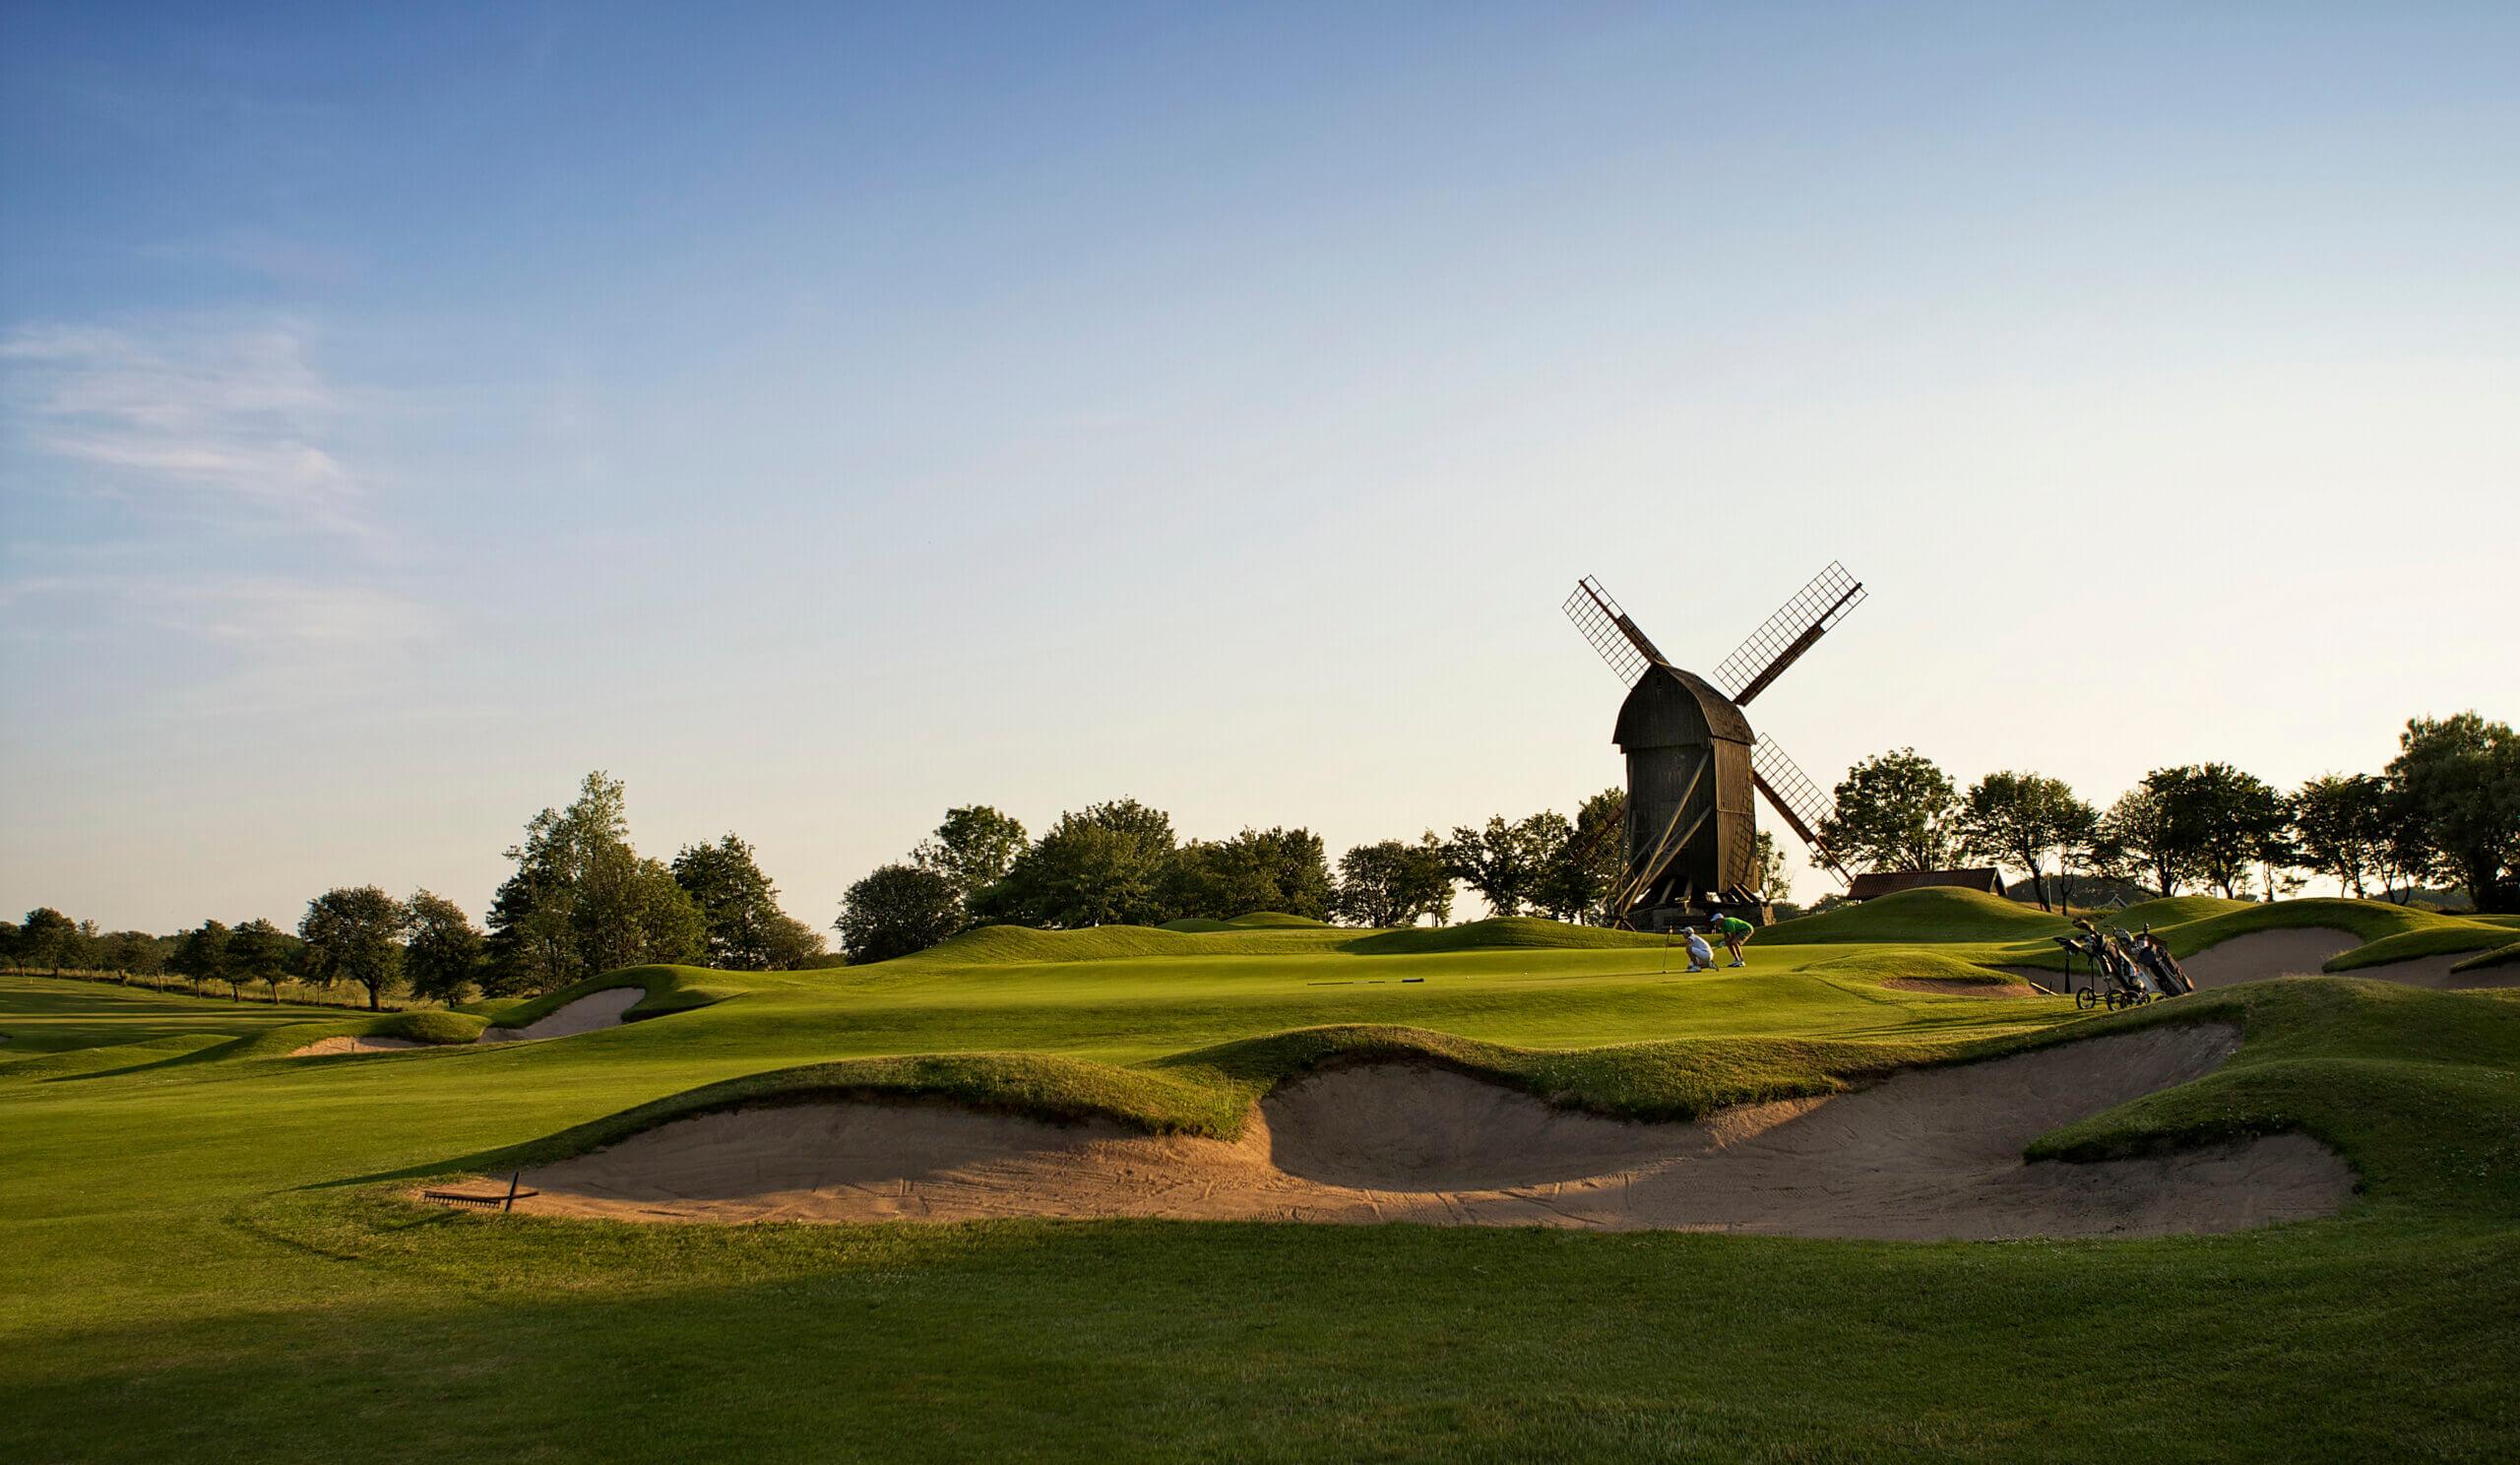 Spela golf på Båstad Golfklubb i Skåne